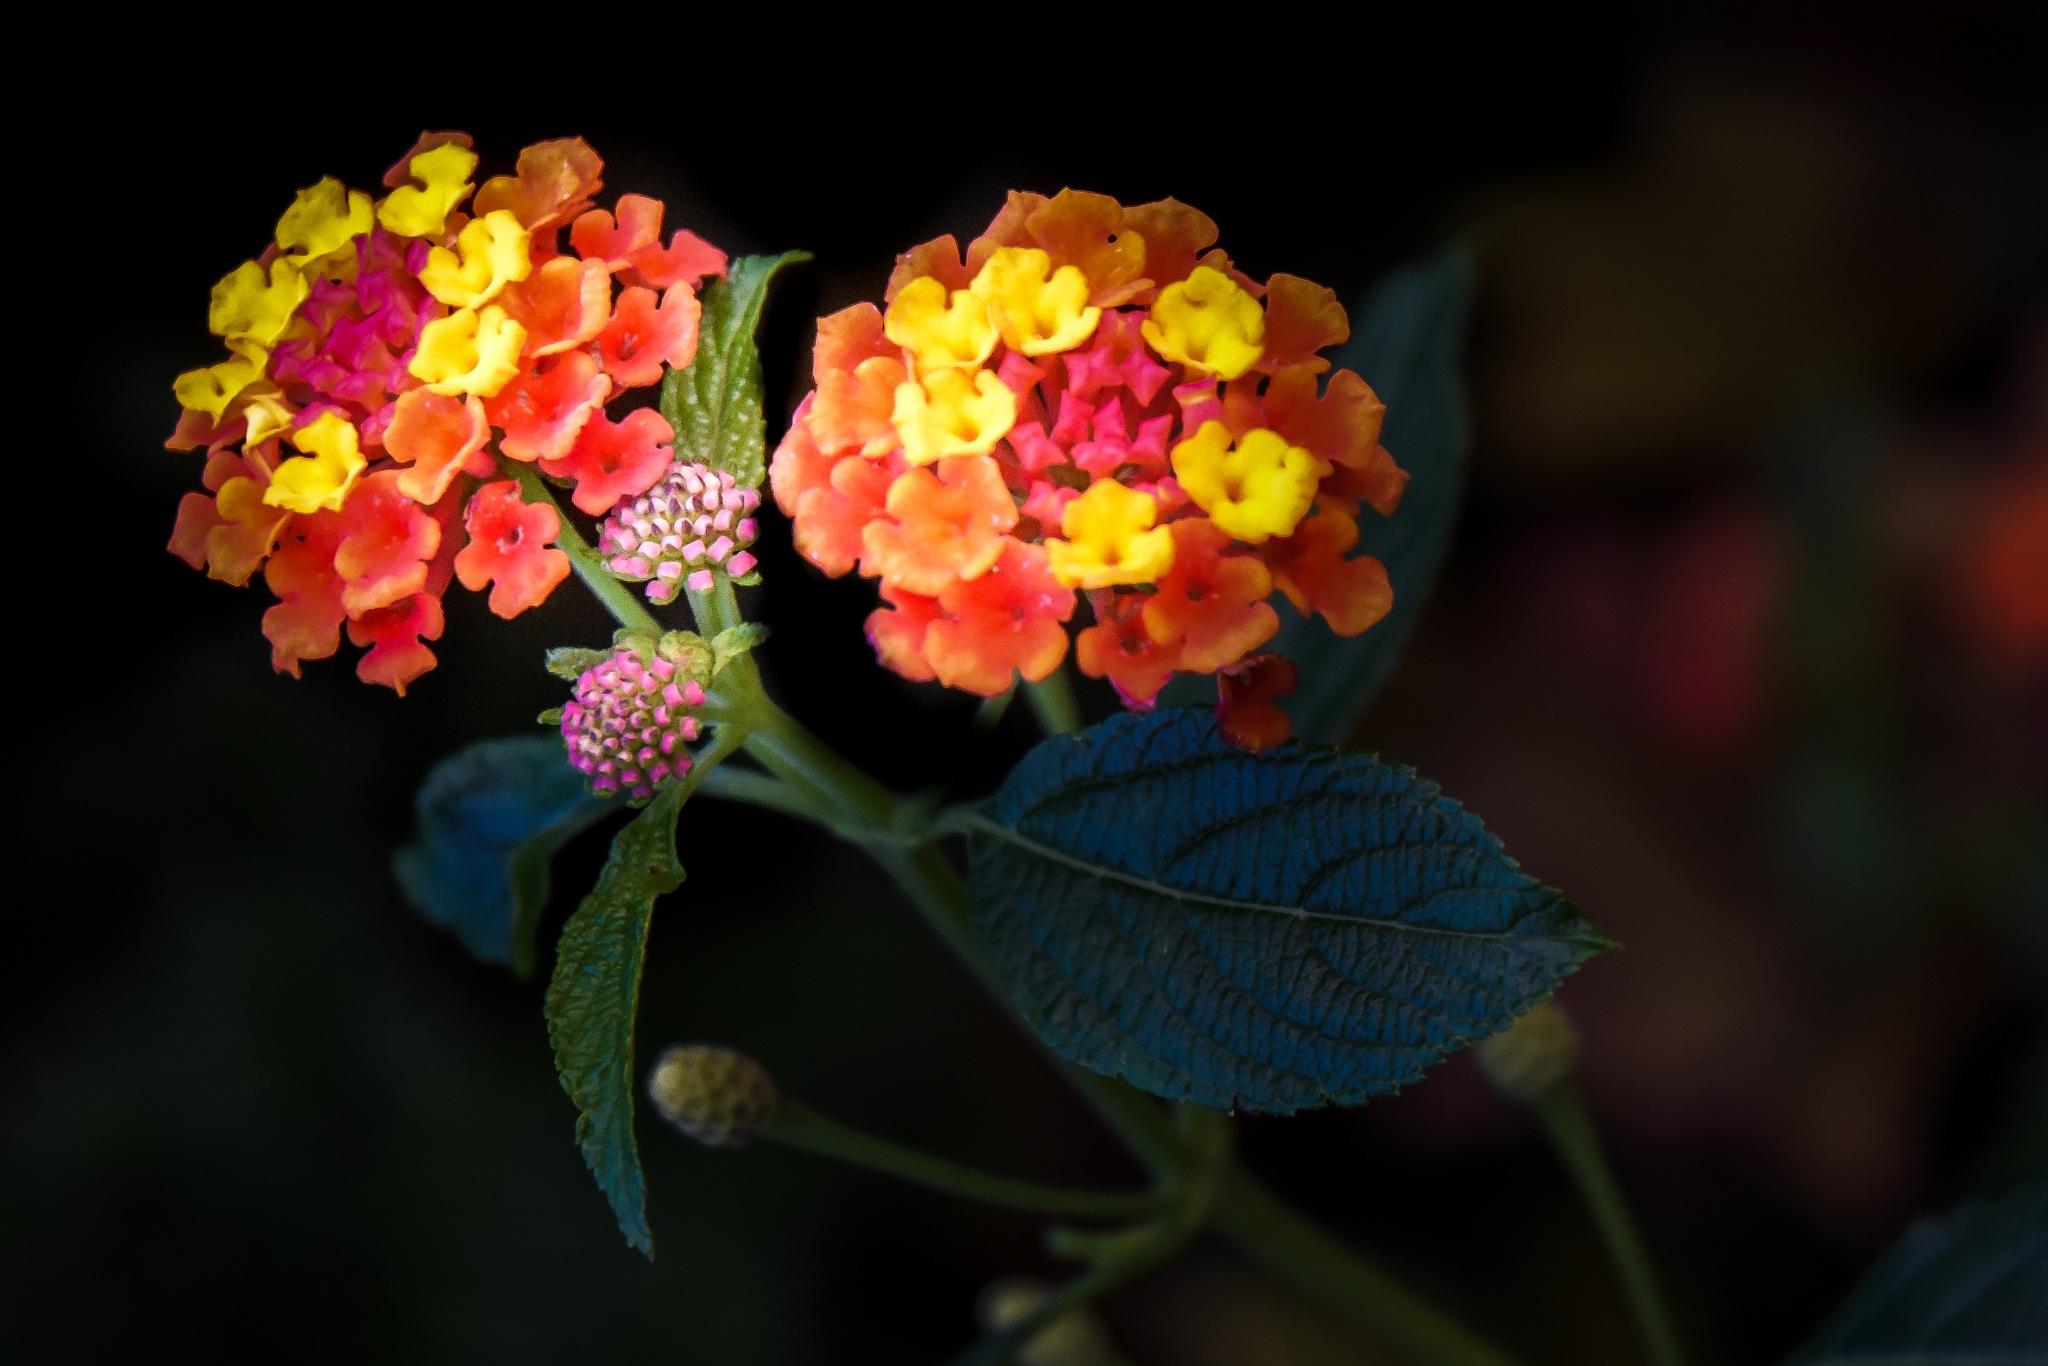 flowers by Germar